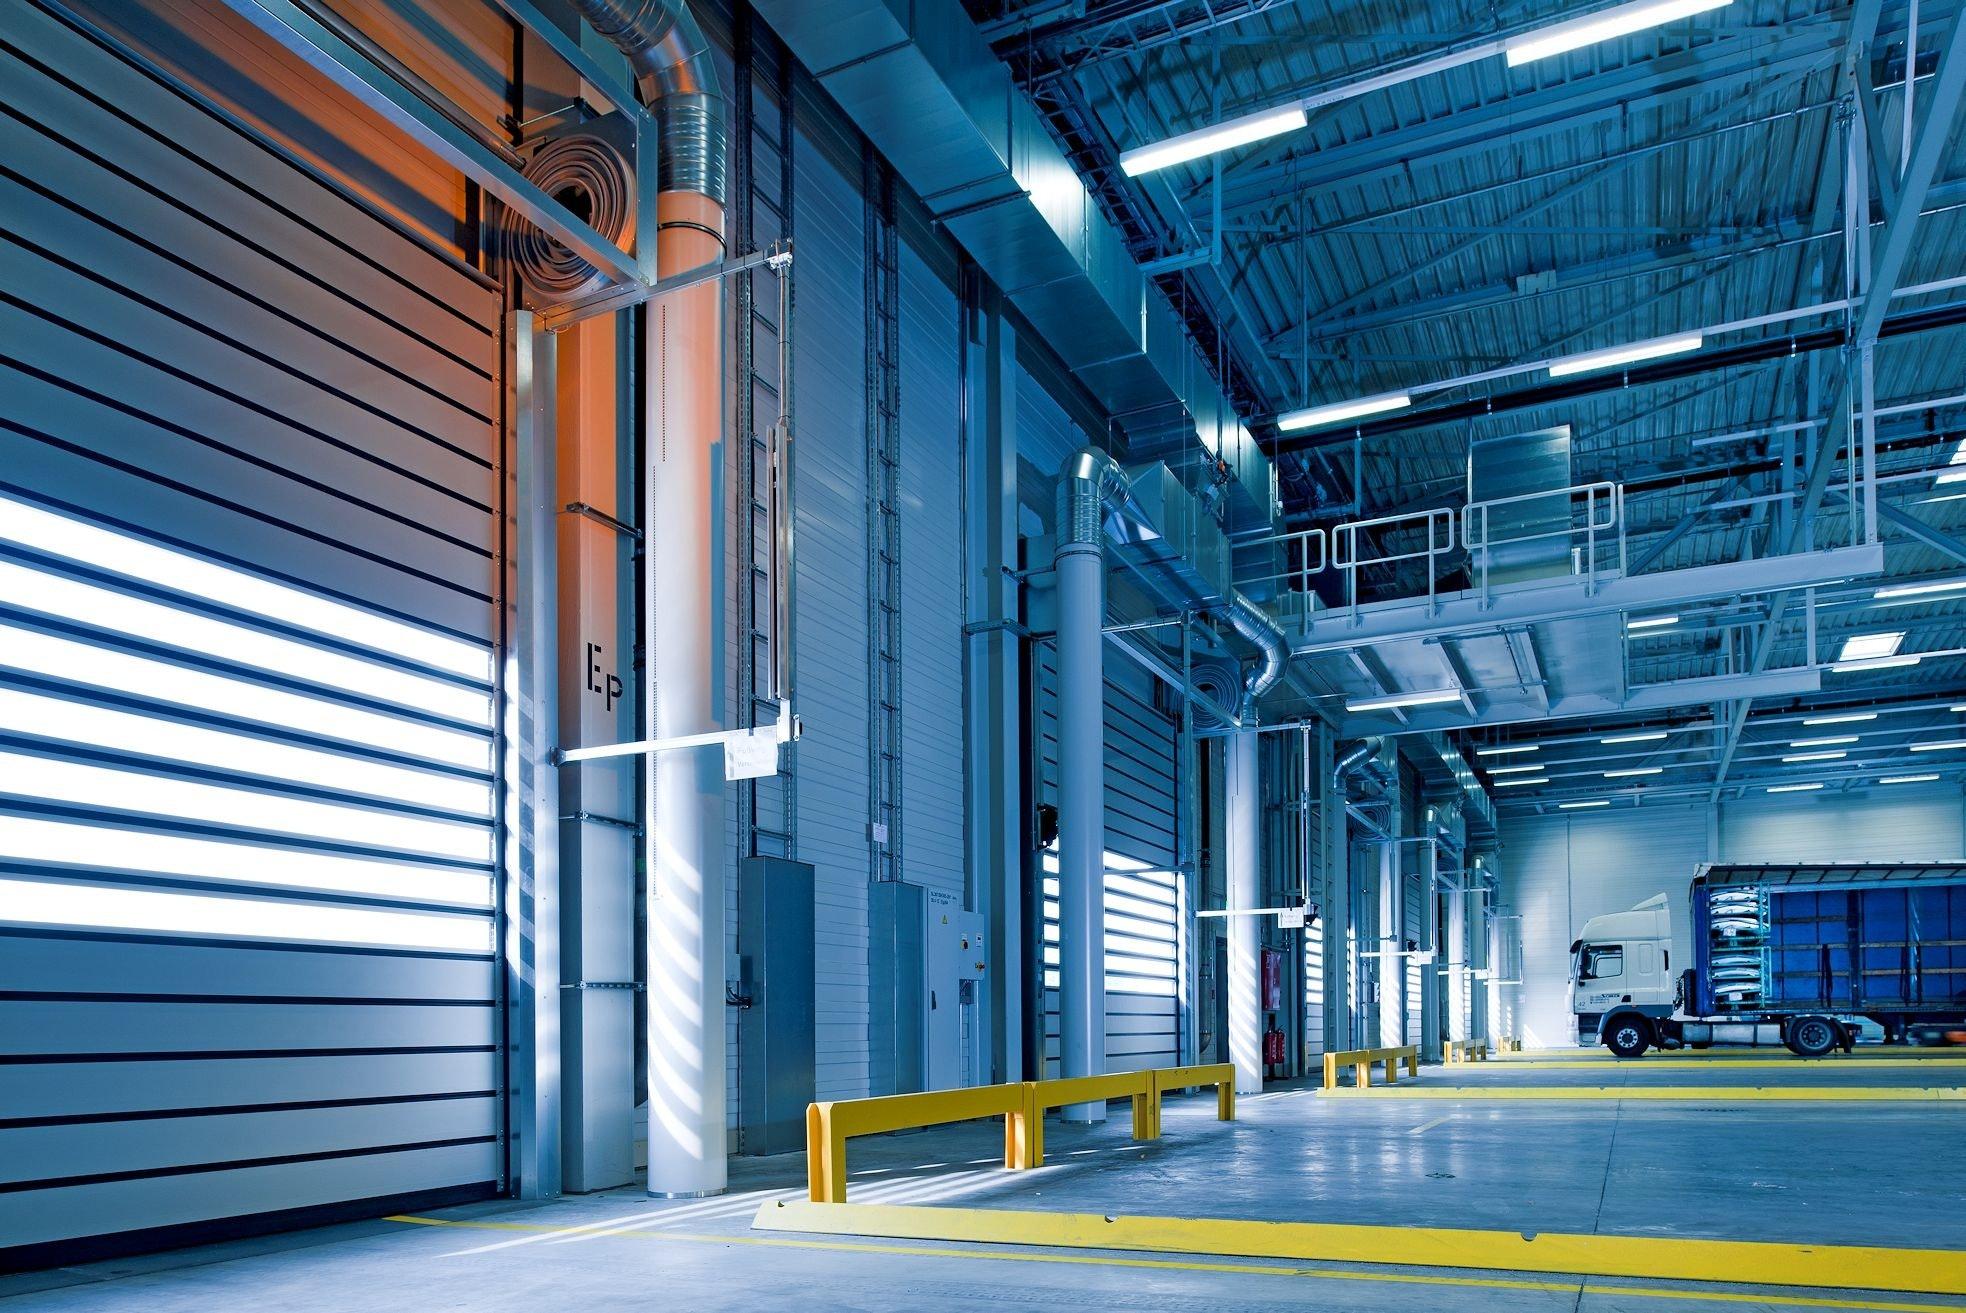 los 4 pasos enseciales para diseñar un enterprise data warehouse